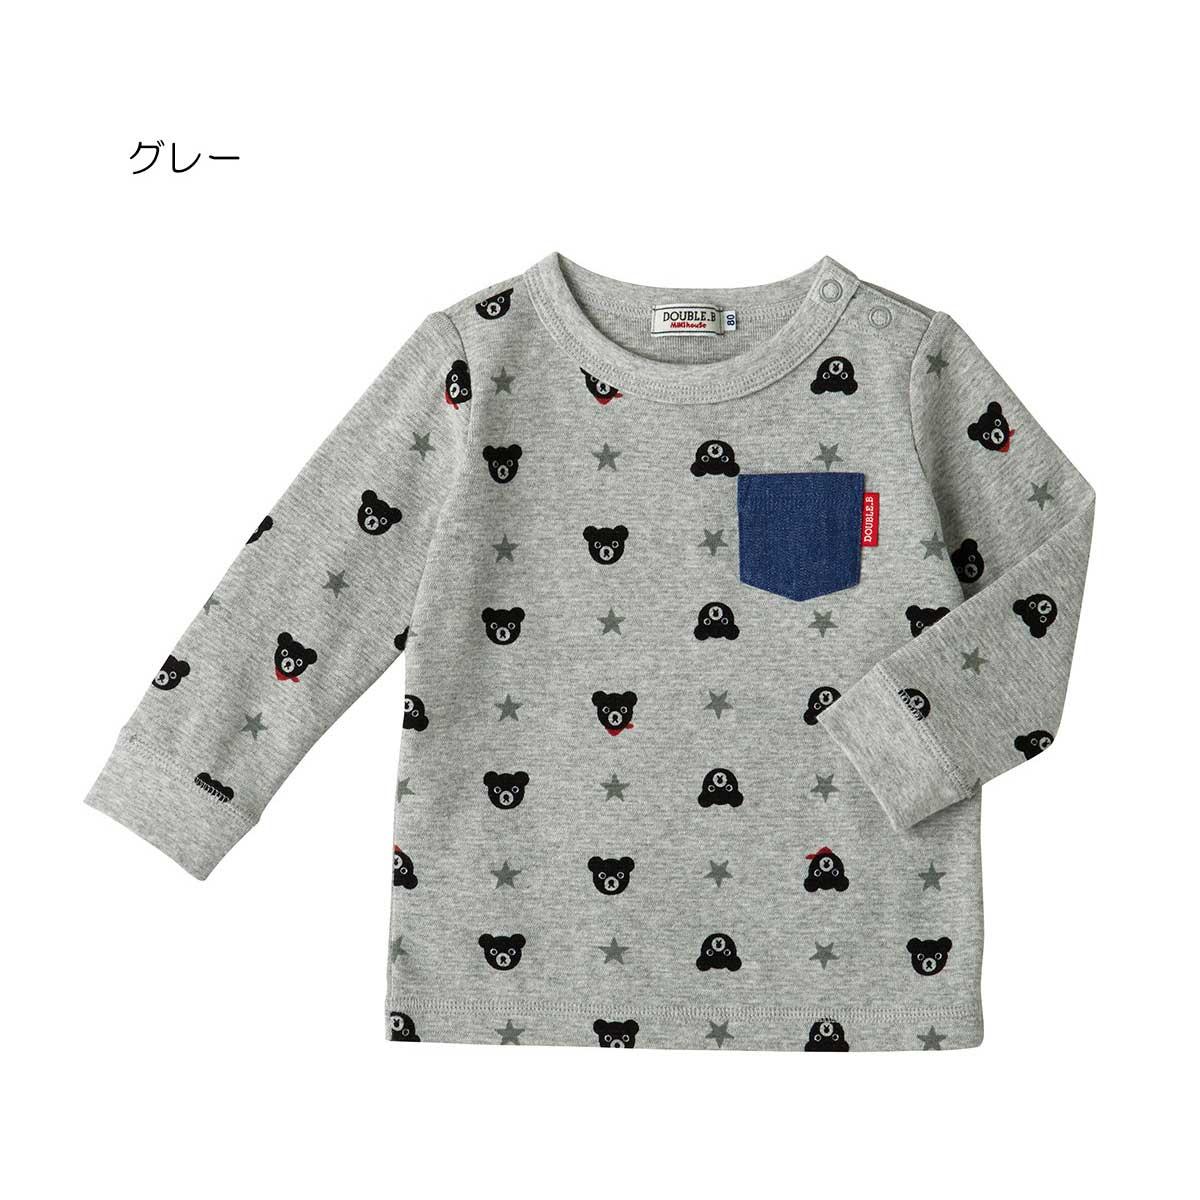 ダブルビー デニムポケット付き総柄長袖Tシャツ DOUBLE_B (80cm・90cm・100cm)【63-5201-261】 CPN